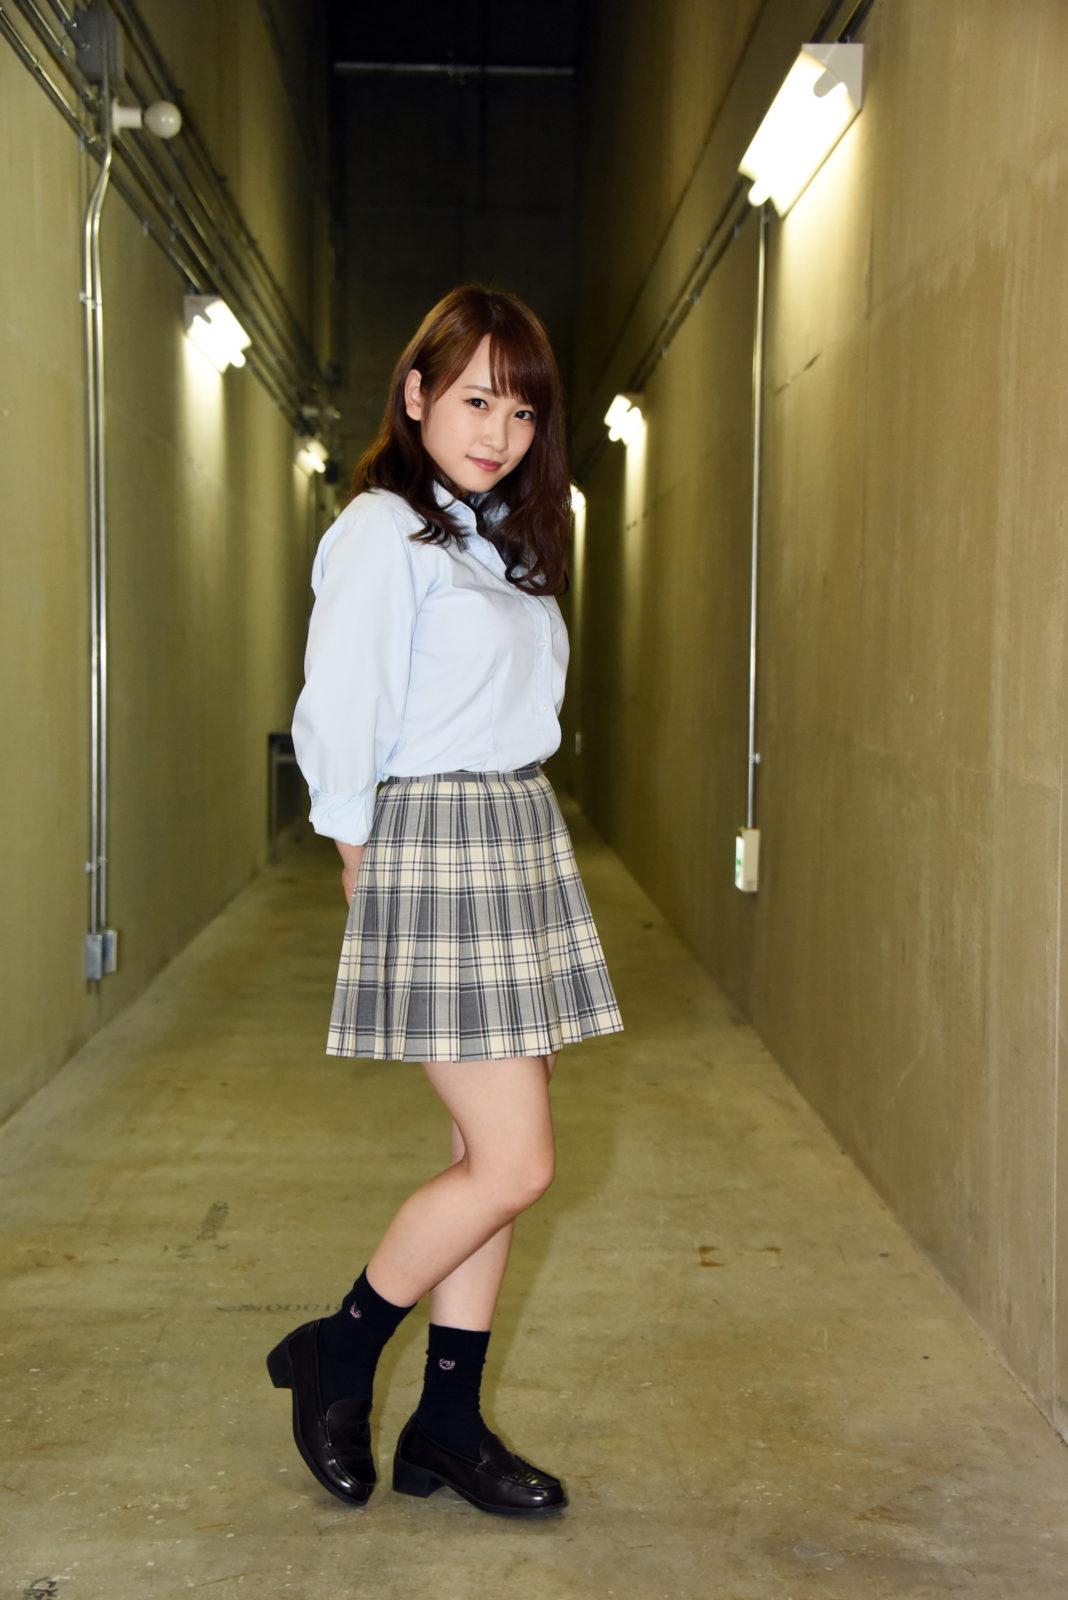 「AKBで鍛えられた」川栄李奈が語る、これまでの女優としての軌跡と自然体でいることの強さ【インタビュー】画像40037